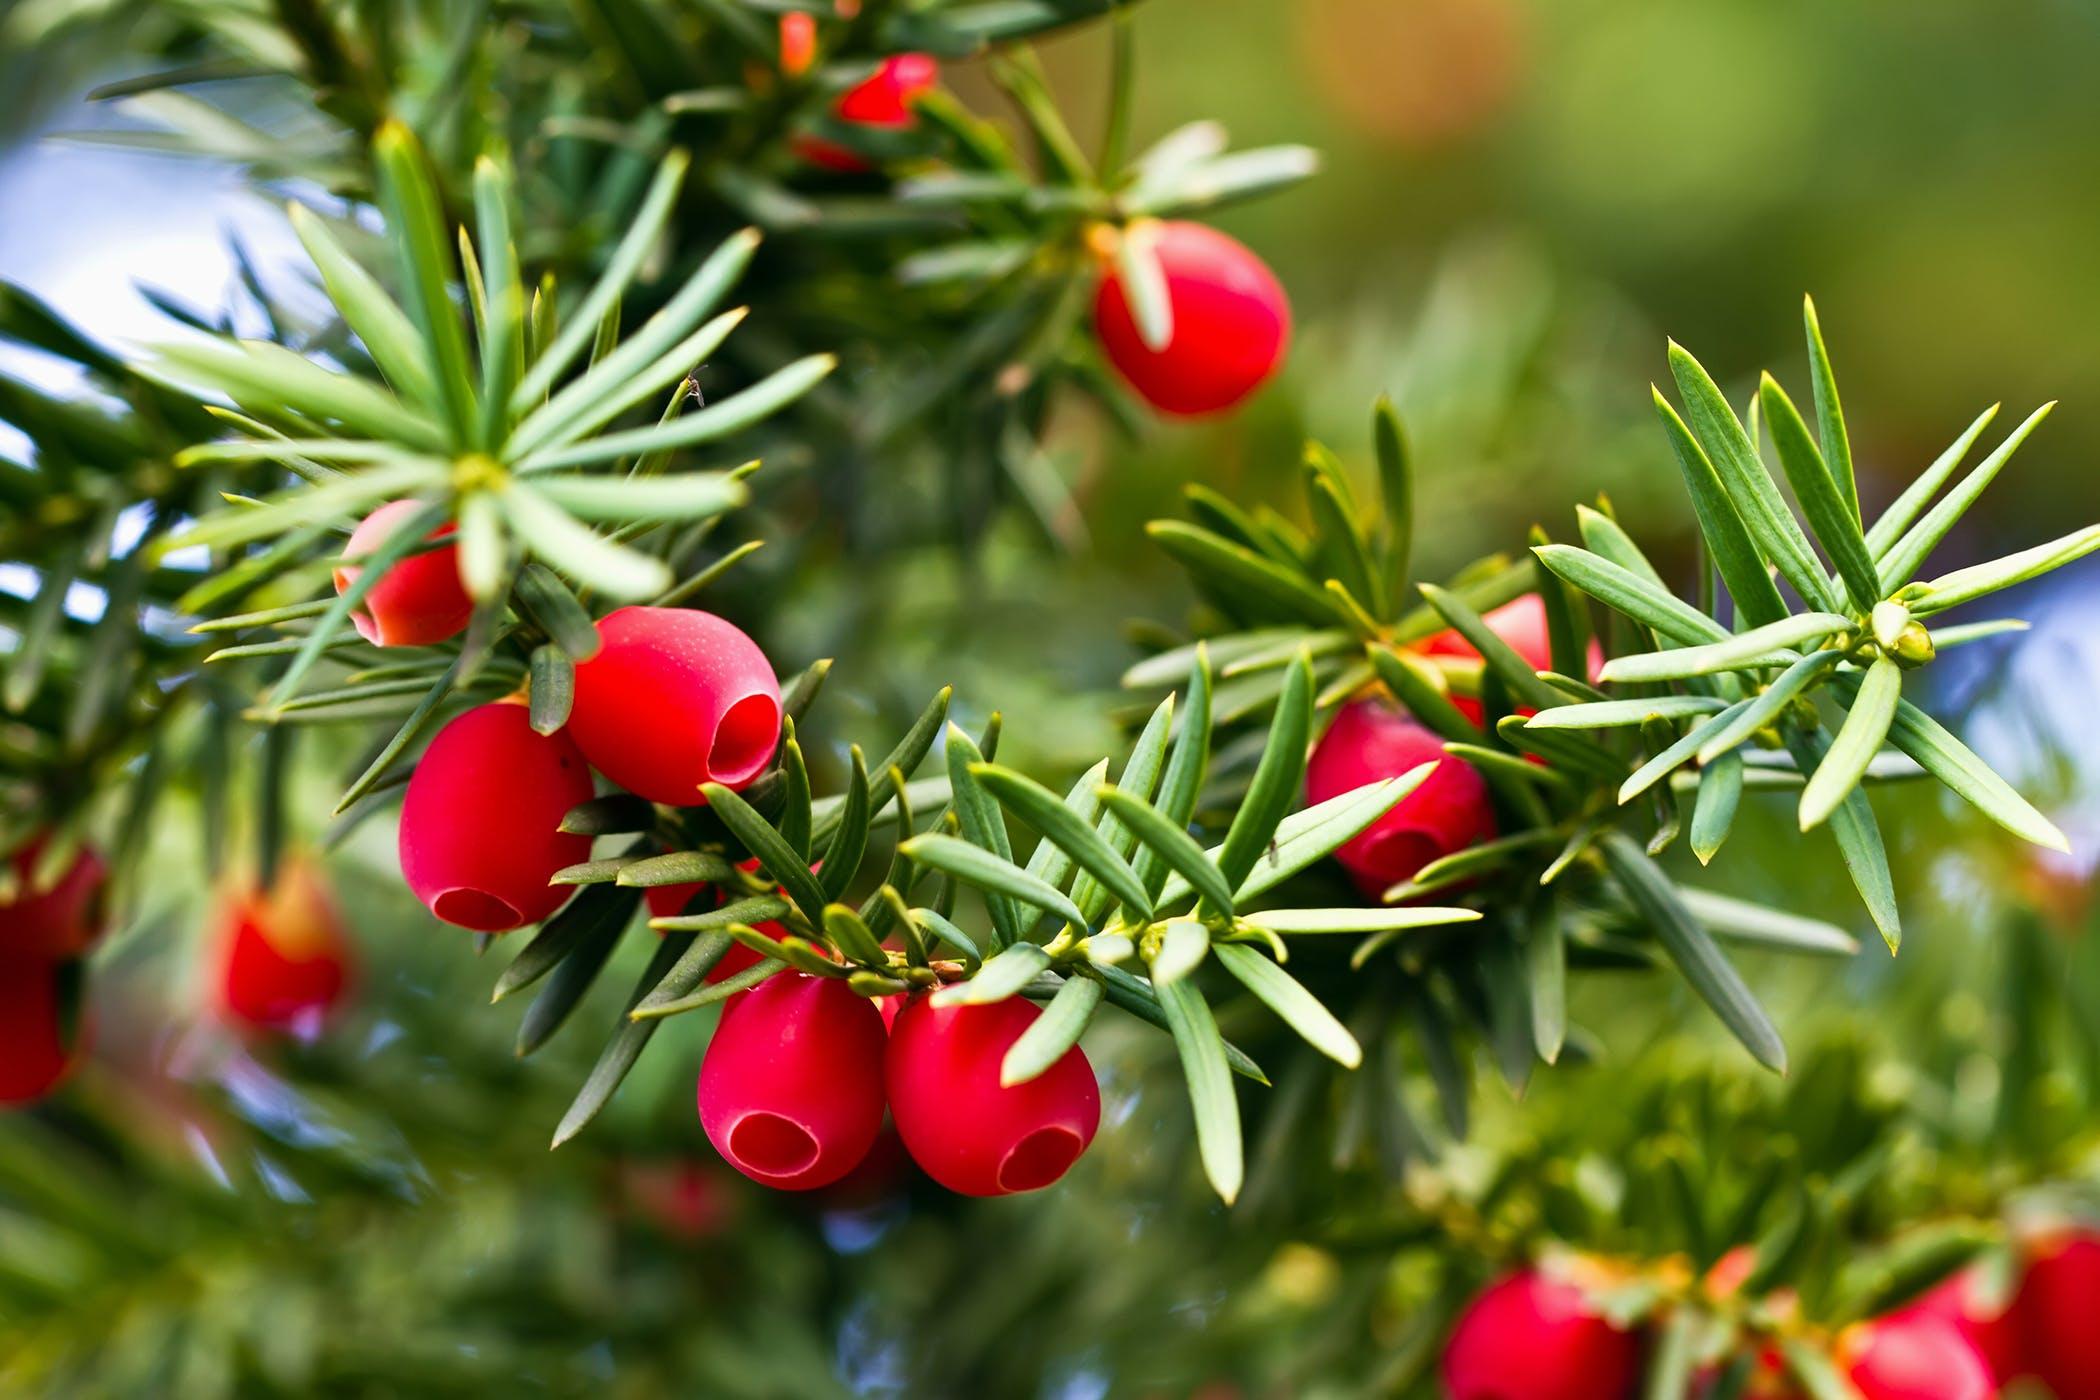 Дерево, листья зеленые, ягоды красные